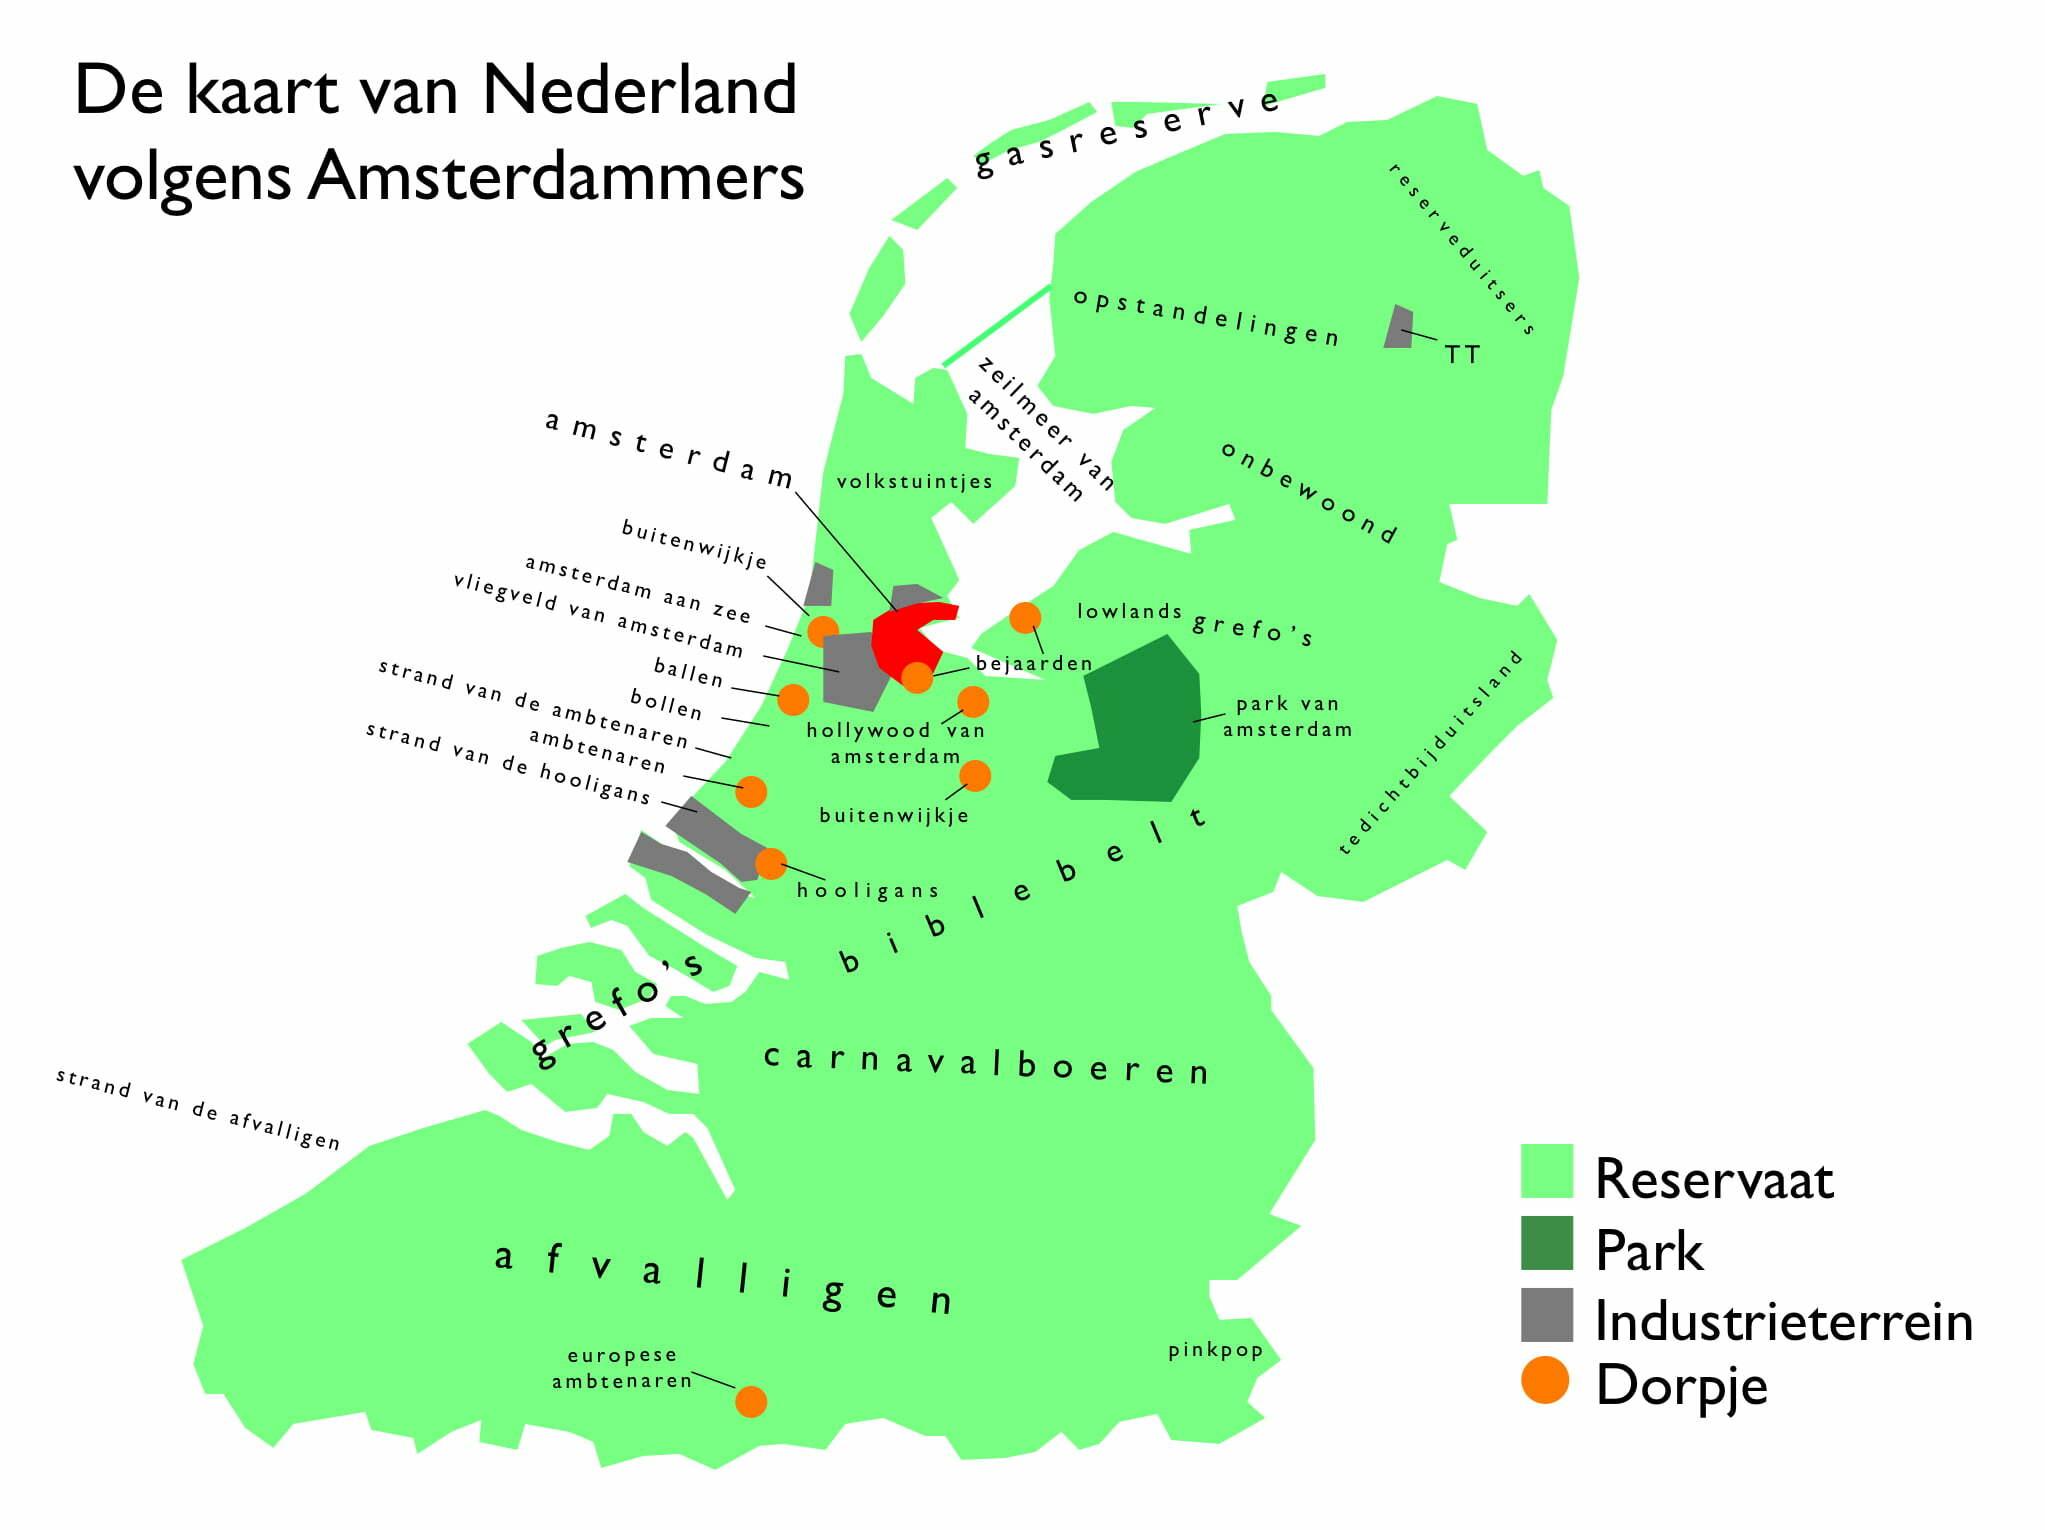 De Verenigde Staten van Amsterdam